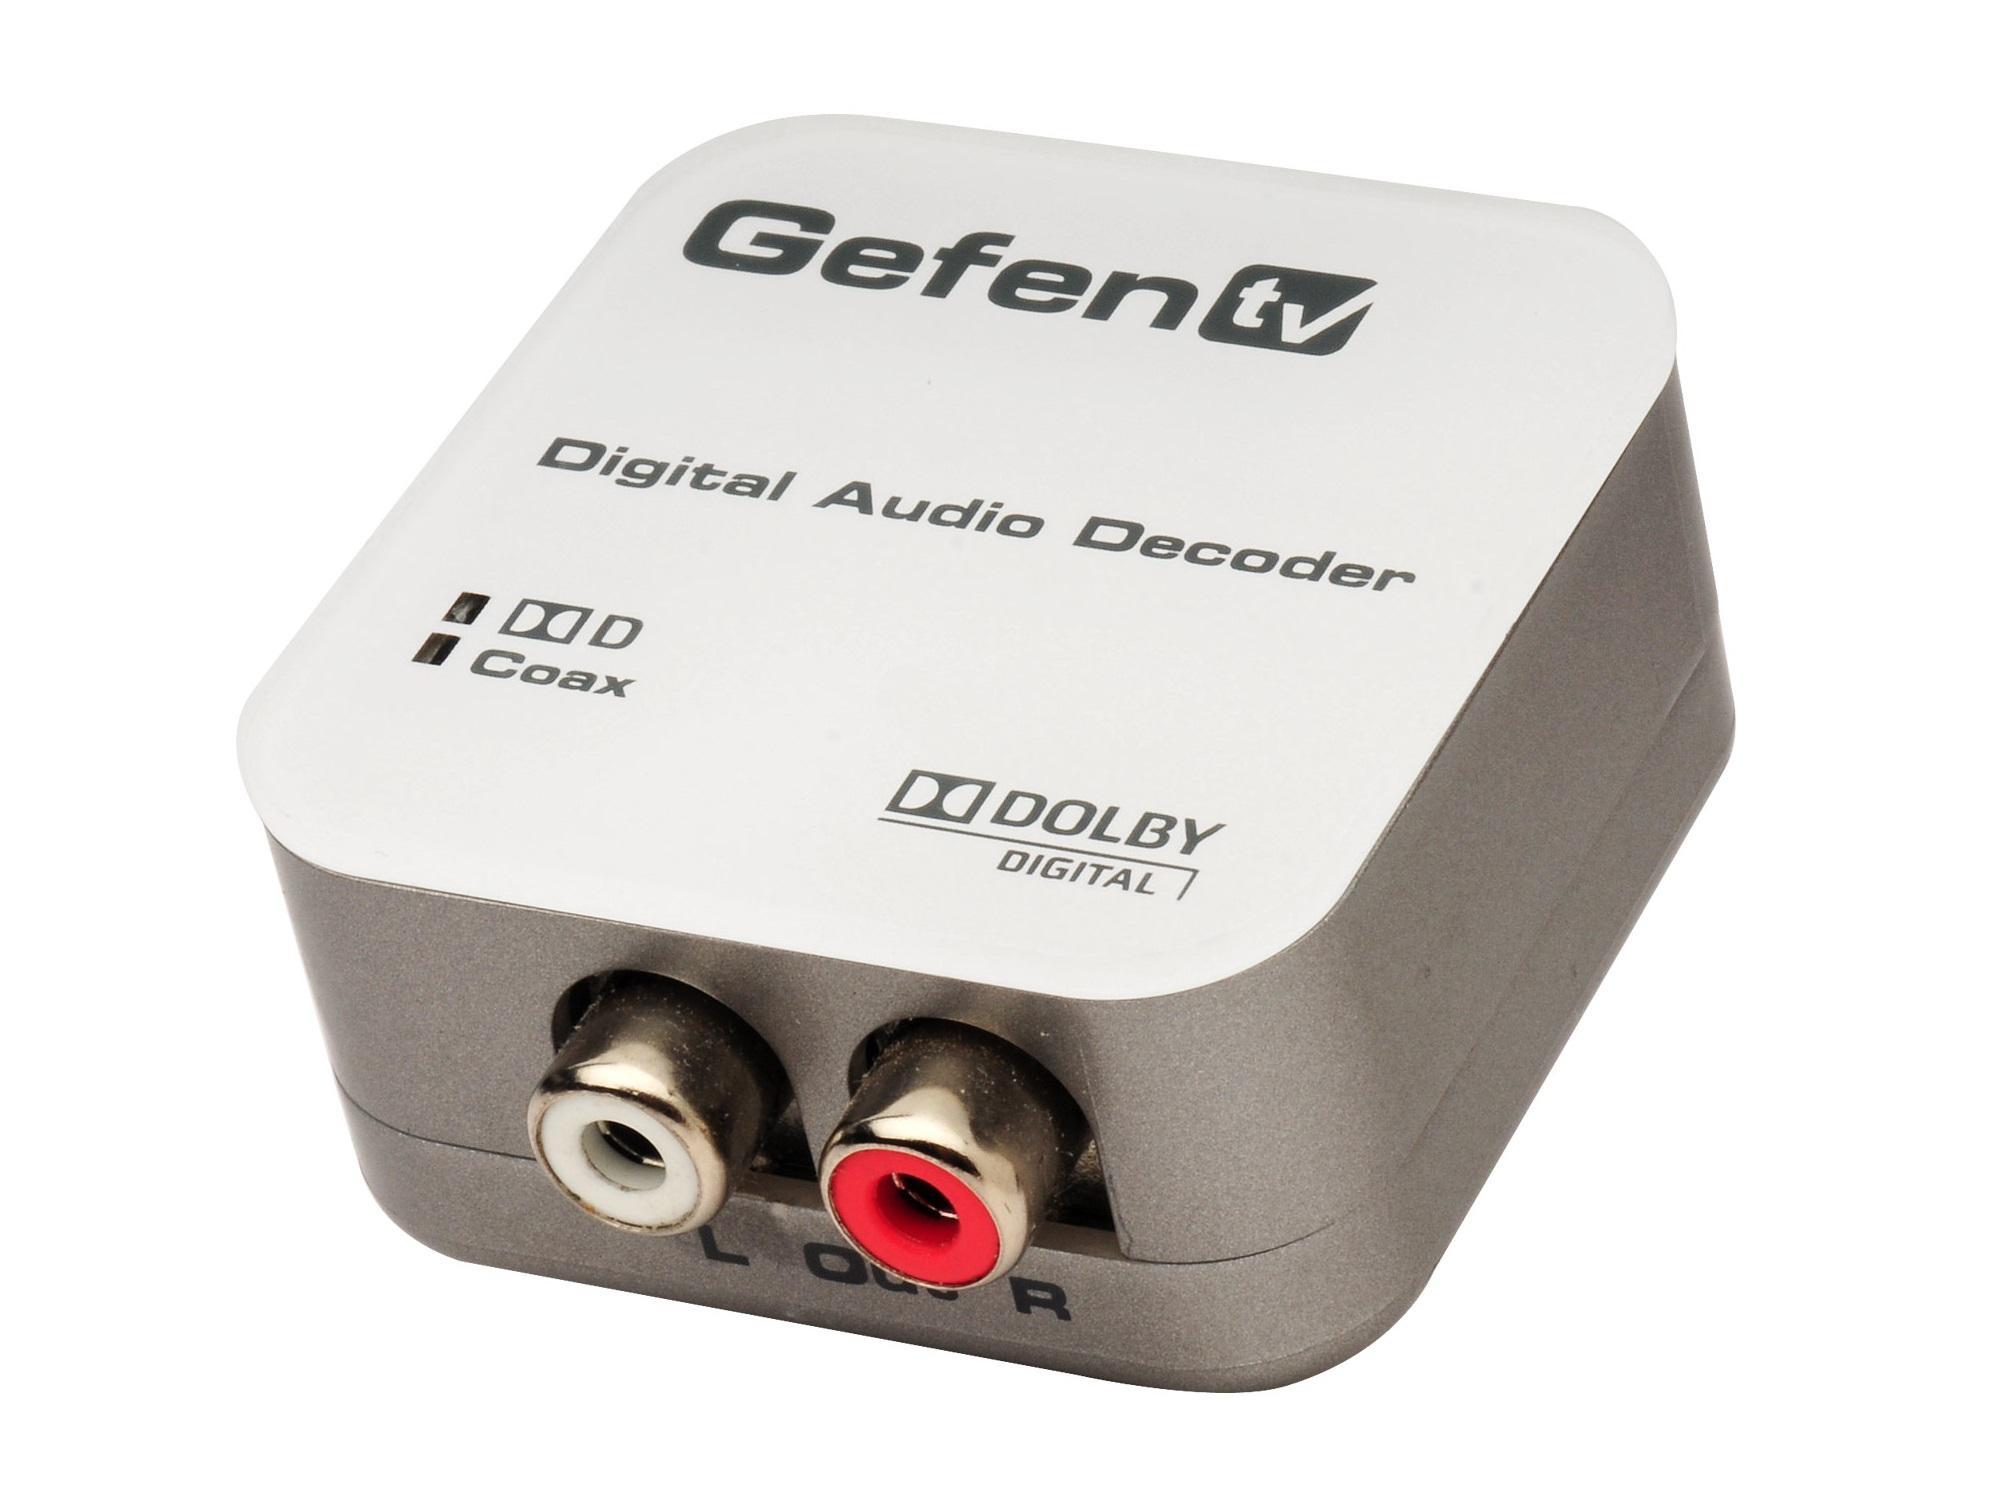 Gefen GTV-DD-2-AA TV Digital to Analog Decoder